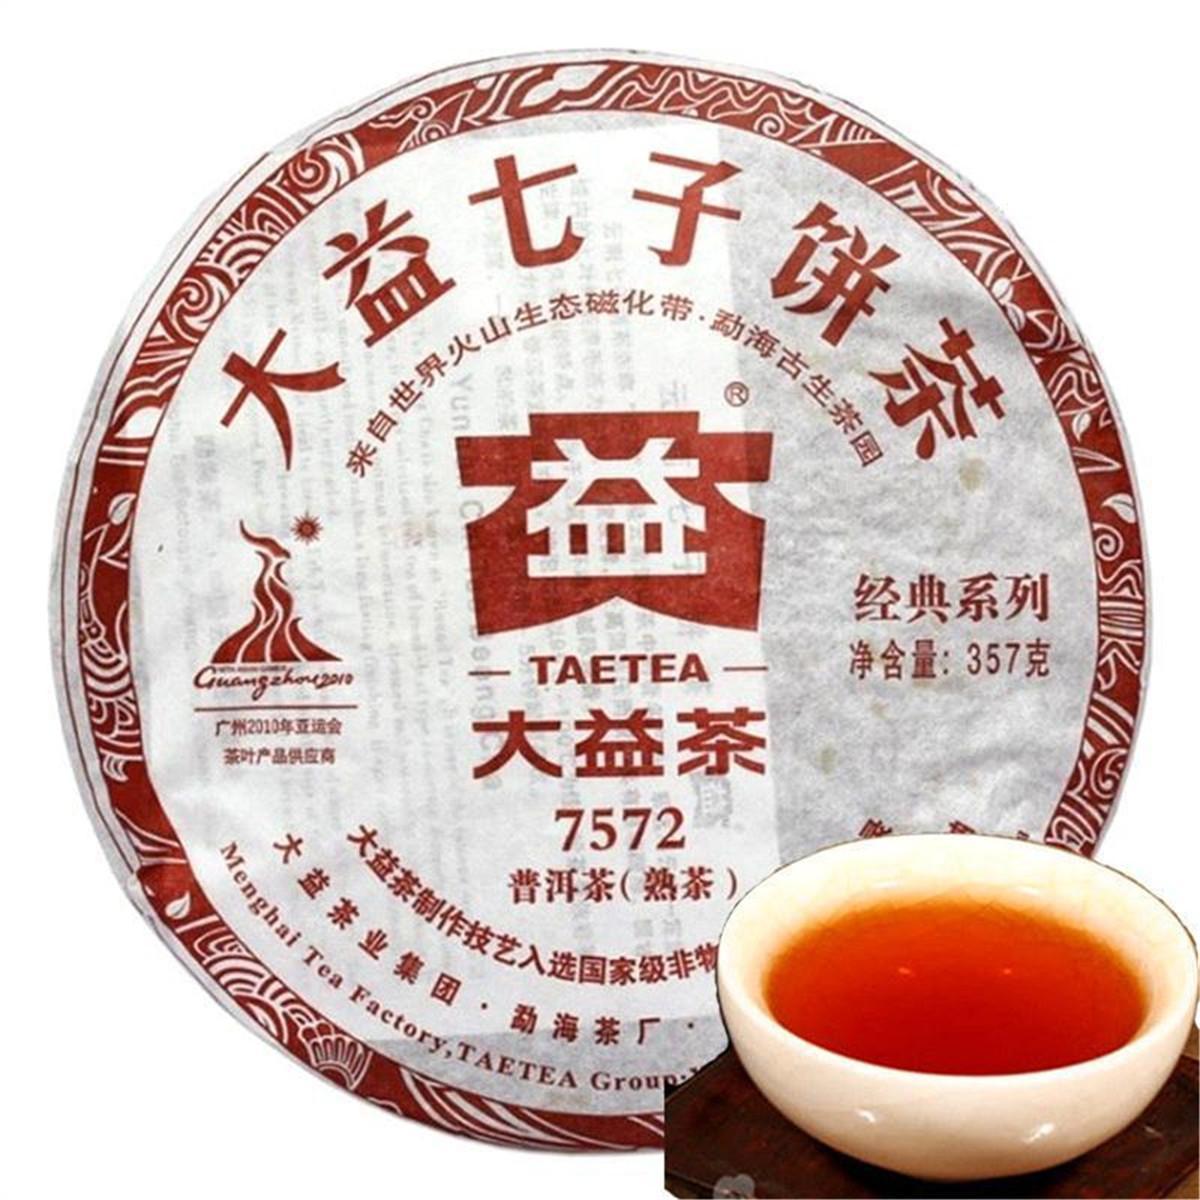 357g Ripe Puer Yunnan dayi figlio di sette 7572 nero Puerh Torta naturale organico di Puerh Vecchio Albero cotto Preferenze Puer